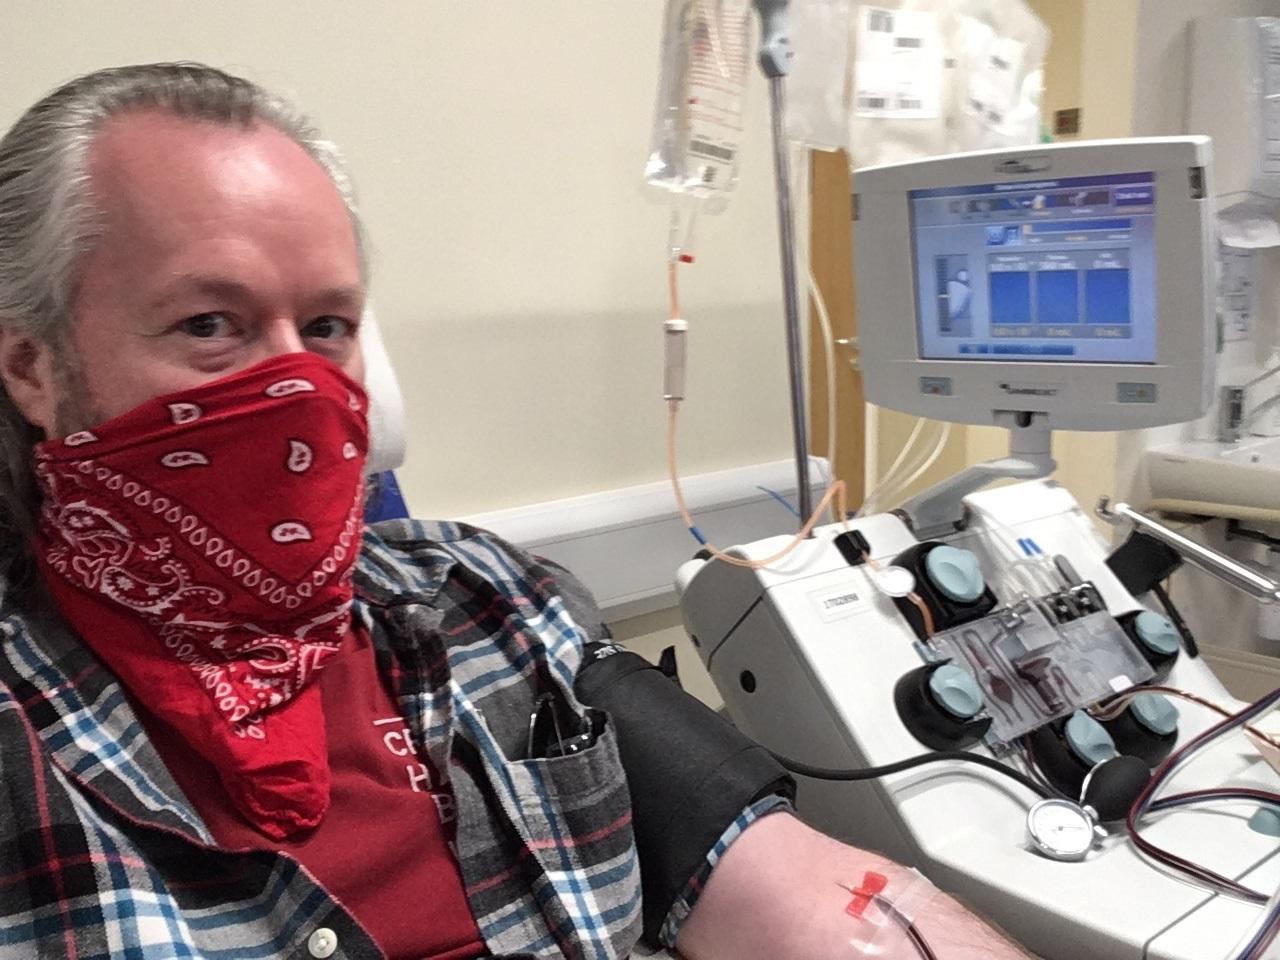 Paul donates plasma